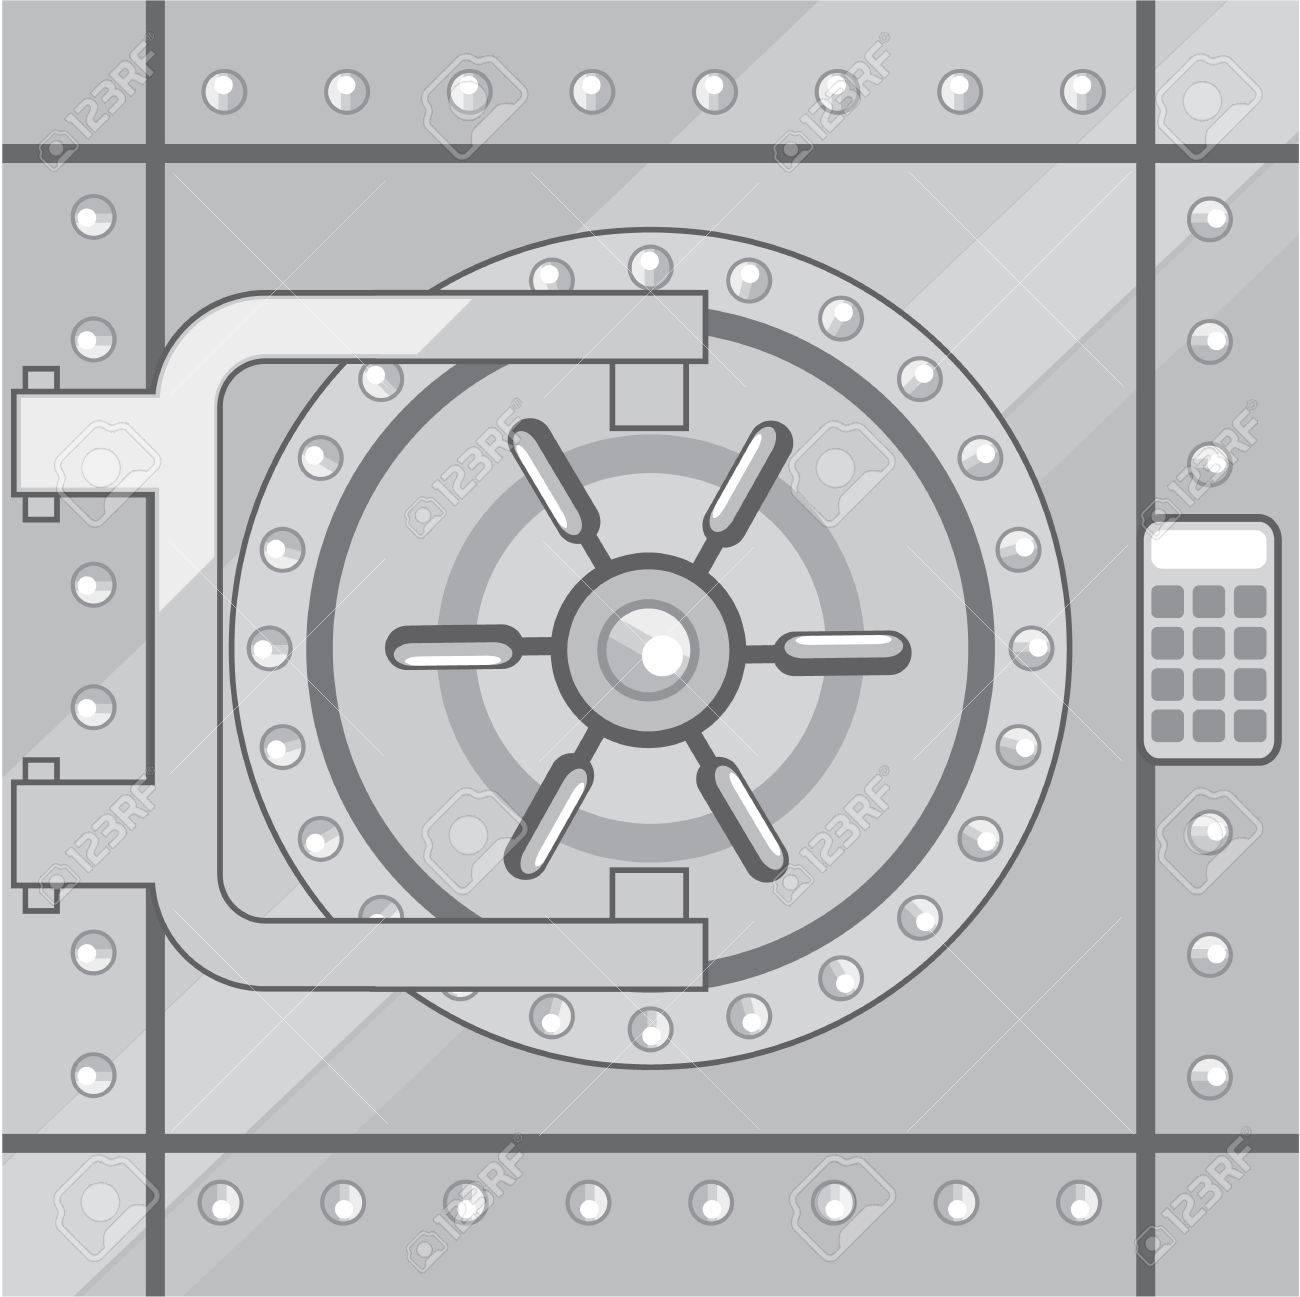 Vault metal safe door vector illustration clip-art image Stock Vector - 69440684  sc 1 st  123RF.com & Vault Metal Safe Door Vector Illustration Clip-art Image Royalty ...